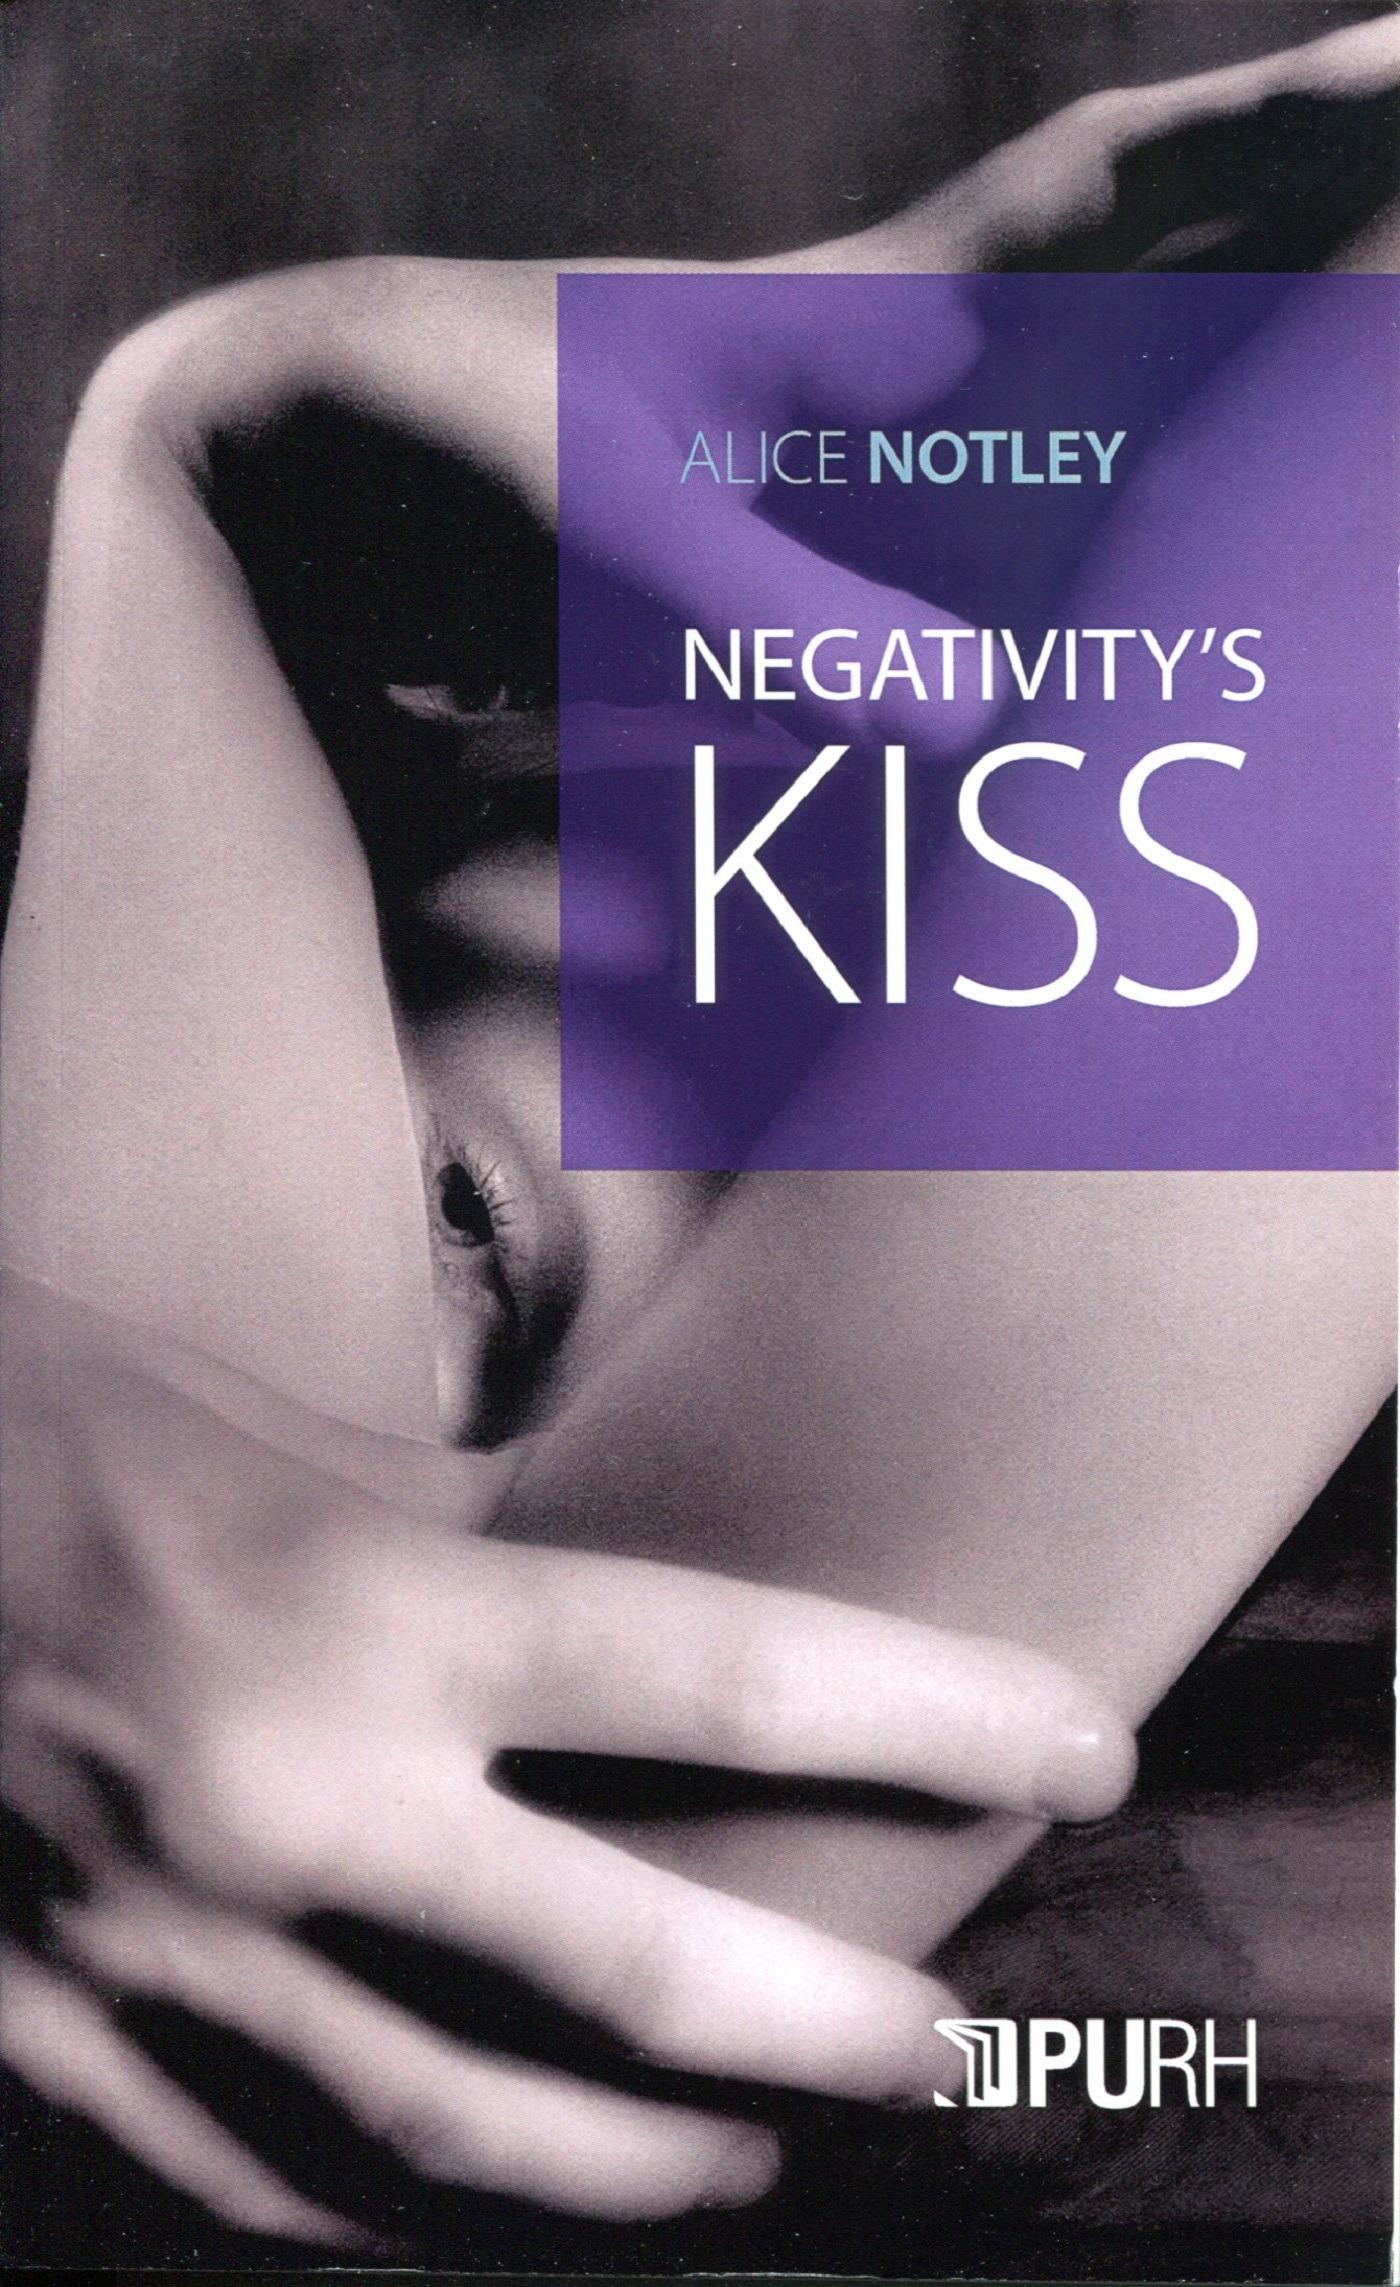 Negativity's kiss